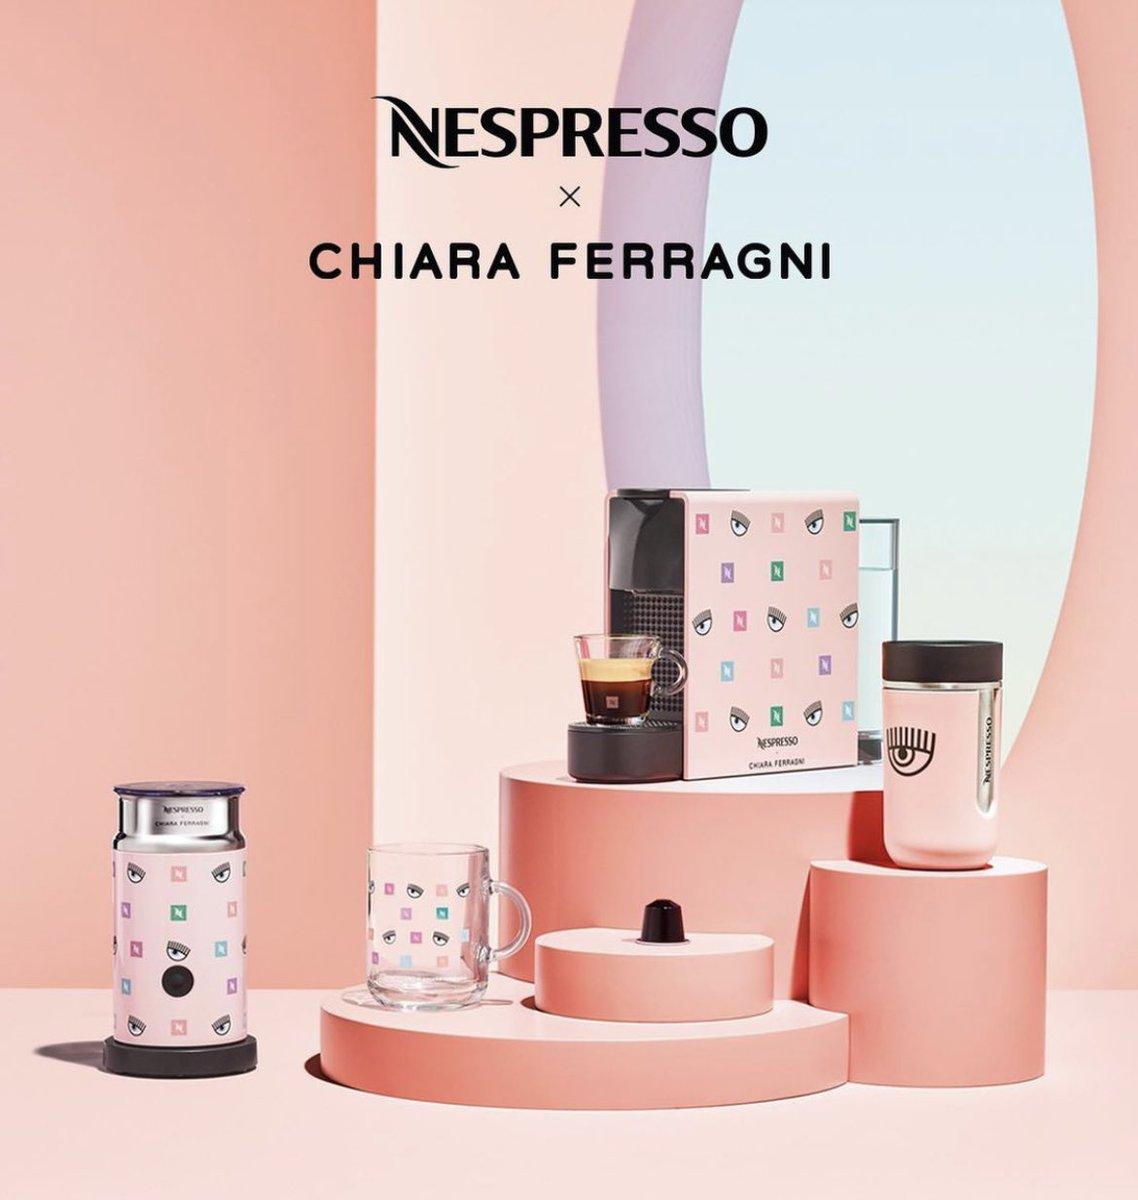 Nespresso per Chiara Ferragni: la Regina del marketing colpisce ancora